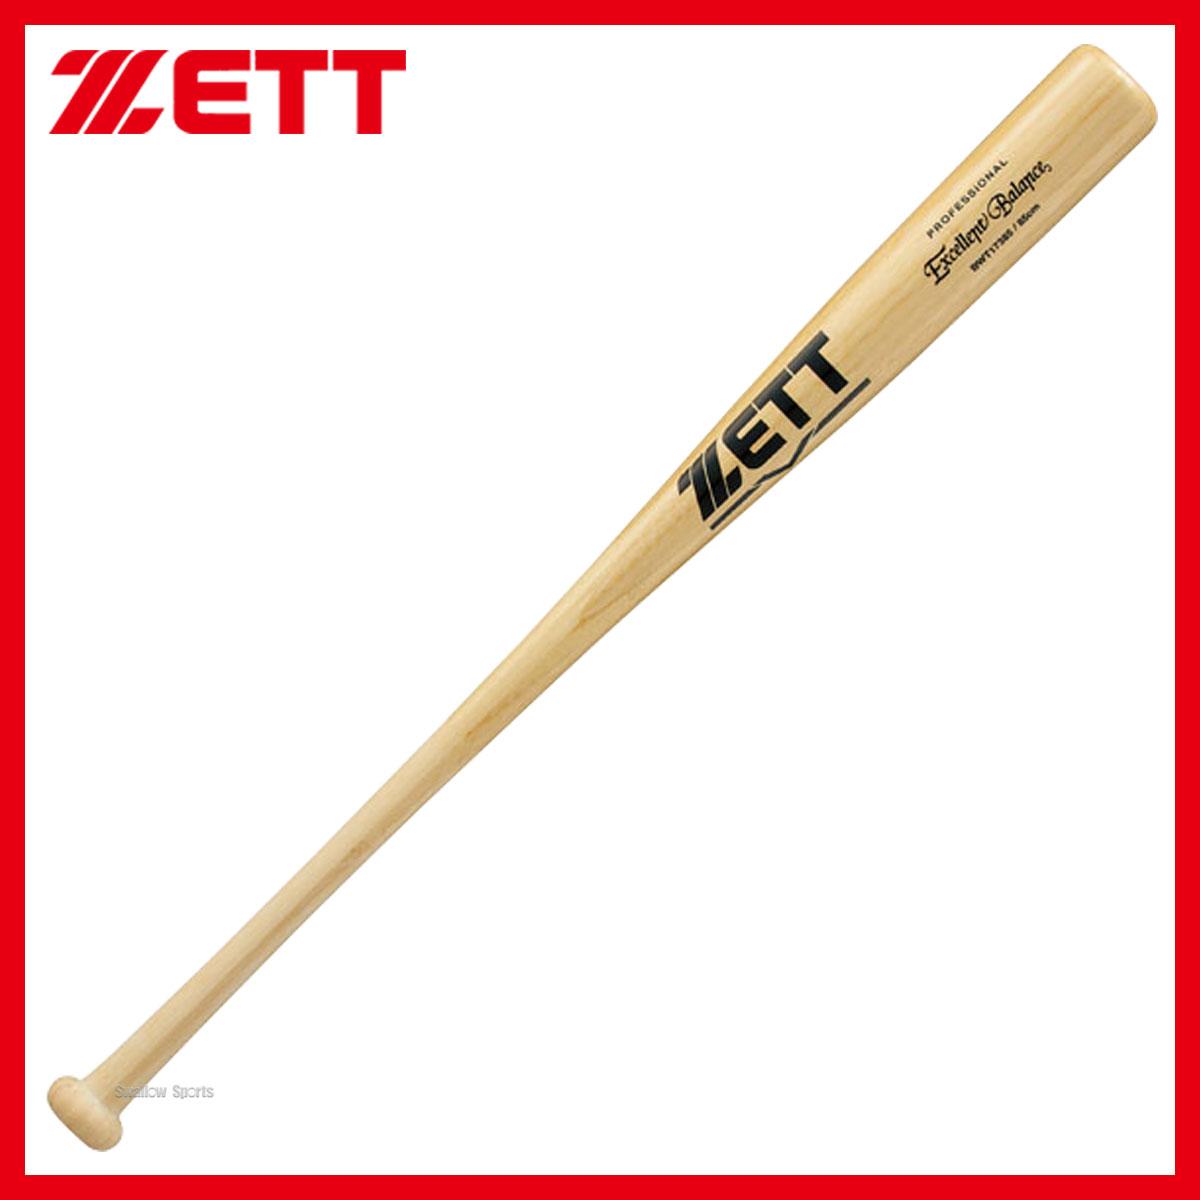 【あす楽対応】 ゼット ZETT 硬式木製バット トレーニングバット 竹バット エクセレントバランス BWT17385 バット 硬式用 木製バット ZETT 夏季大会 合宿 野球部 野球用品 スワロースポーツ 入学祝い